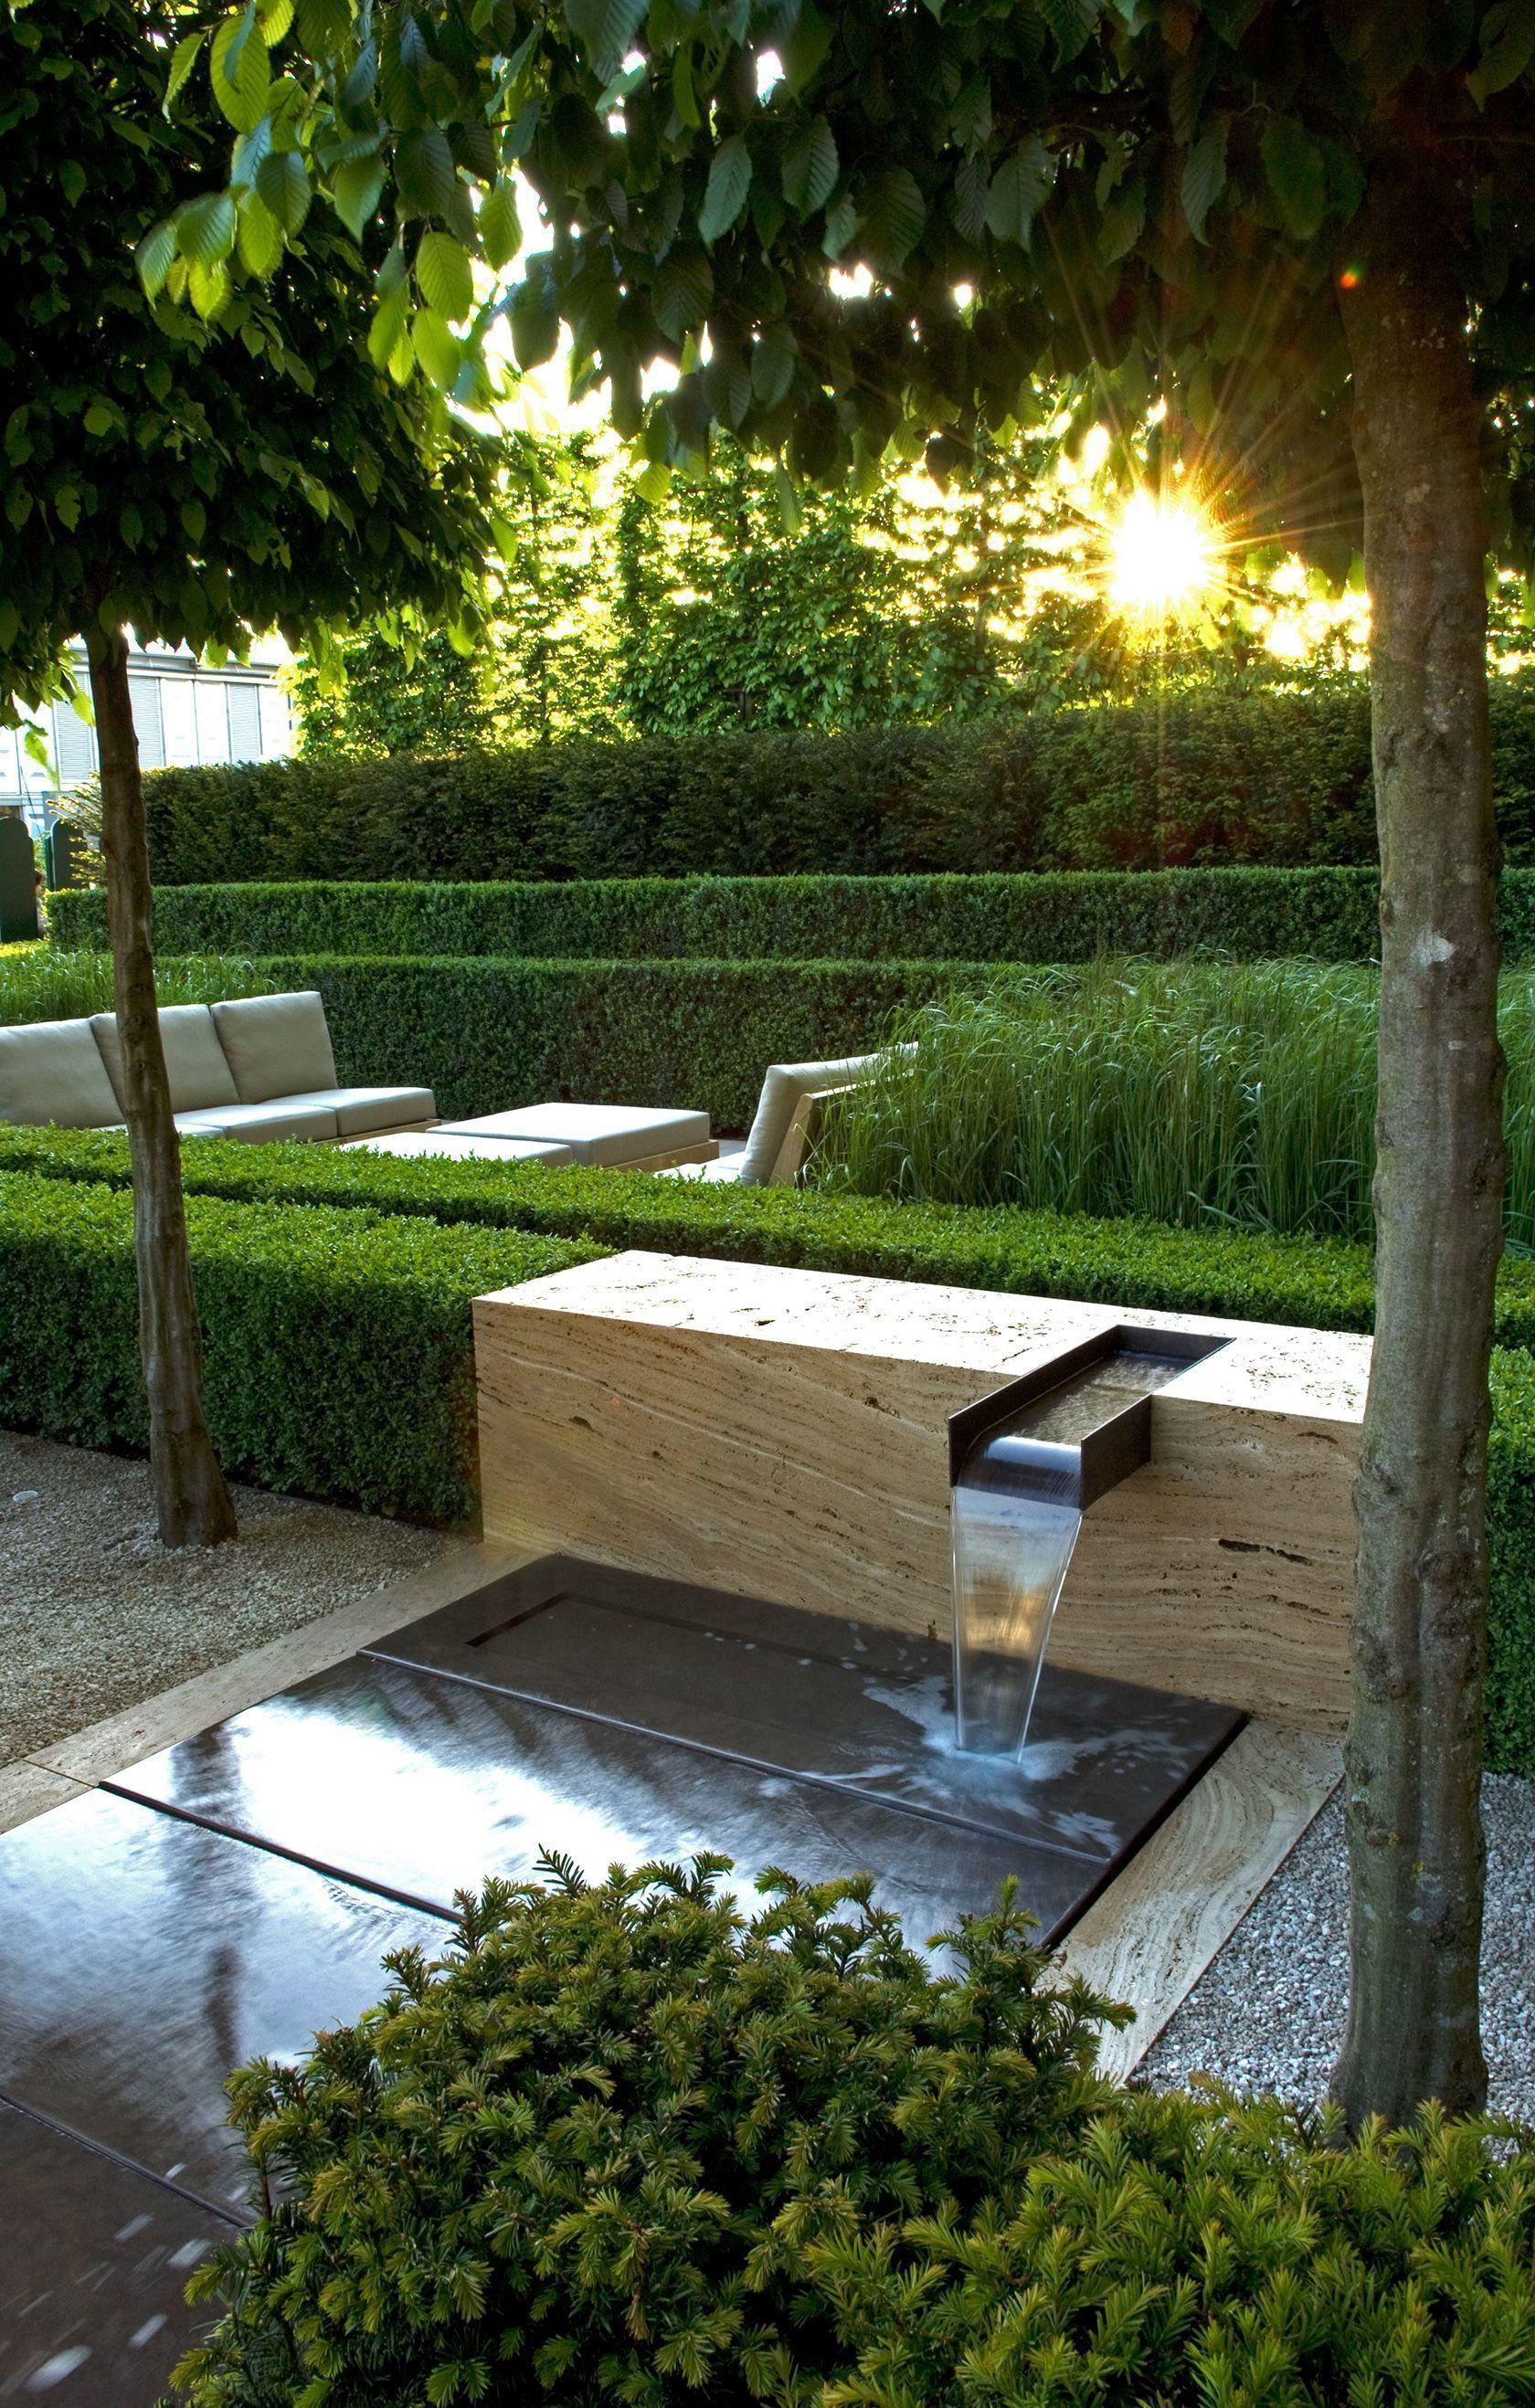 Home garden style  Find the best garden designs u landscape ideas to match your style